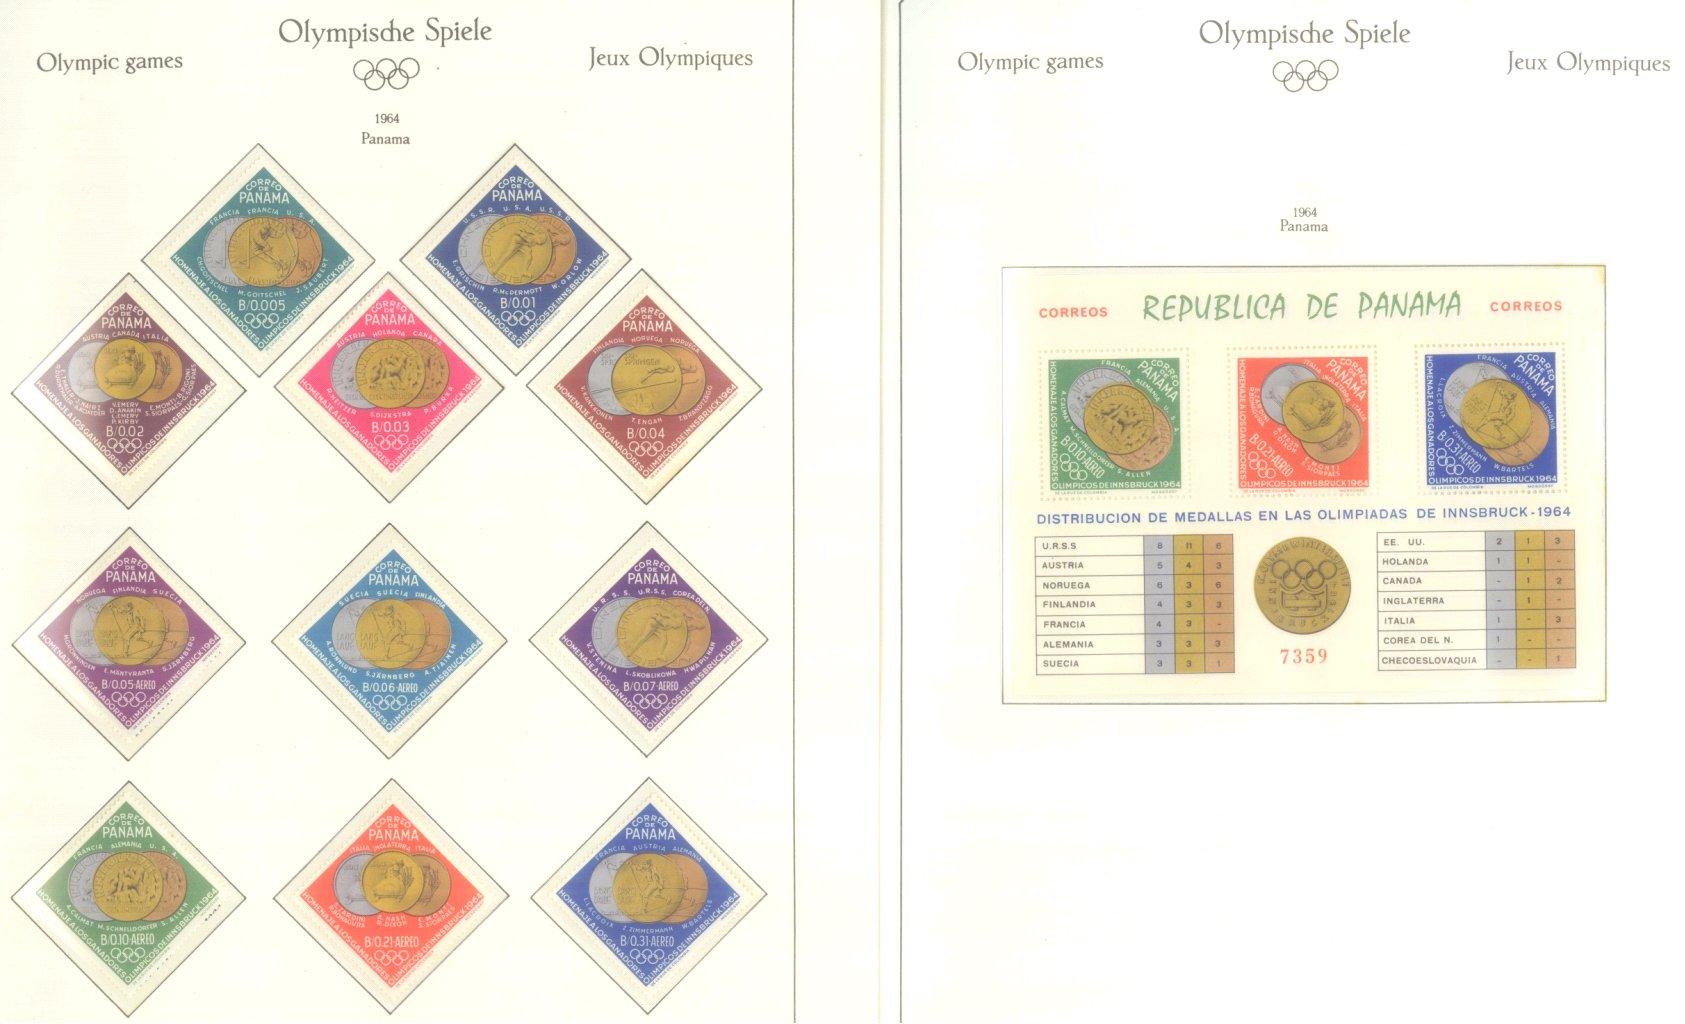 OLYMPISCHE SPIELE 1964 TOKIO, postfrische Sammlung Teil 2-4